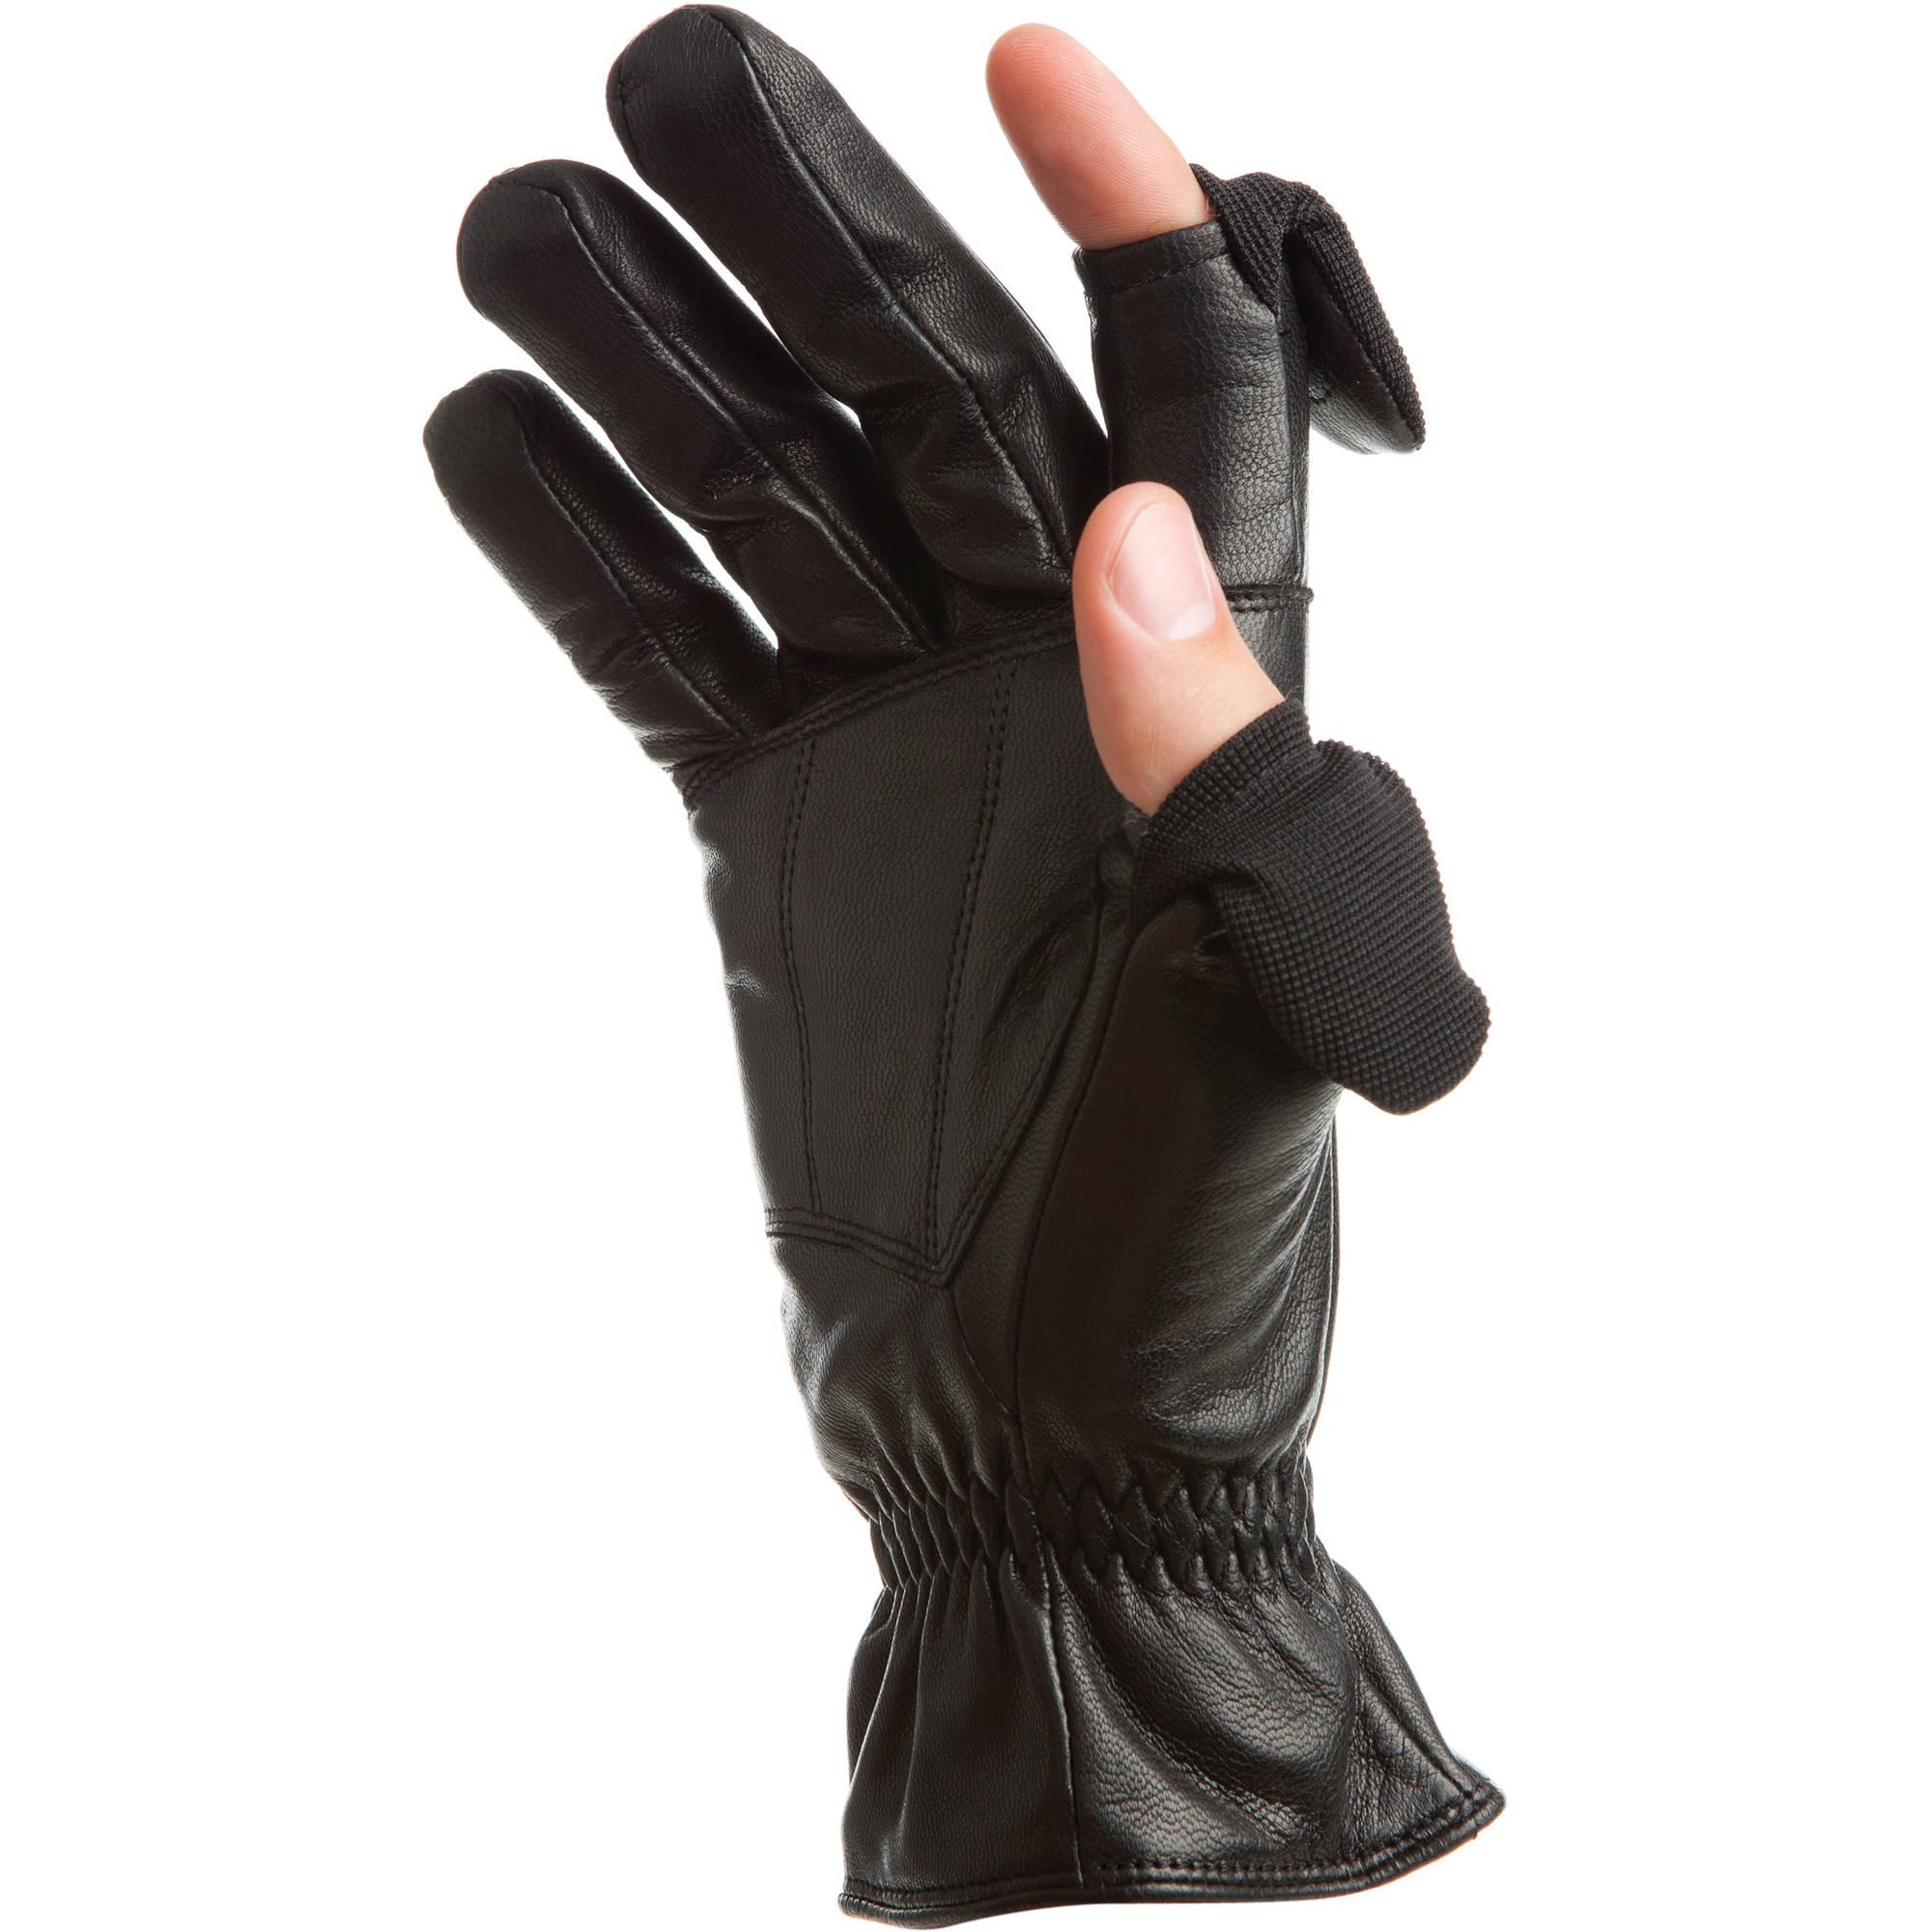 Leather mens gloves uk - Filename Freehands_41011mm_men_s_leather_gloves_medium_812014 Jpg